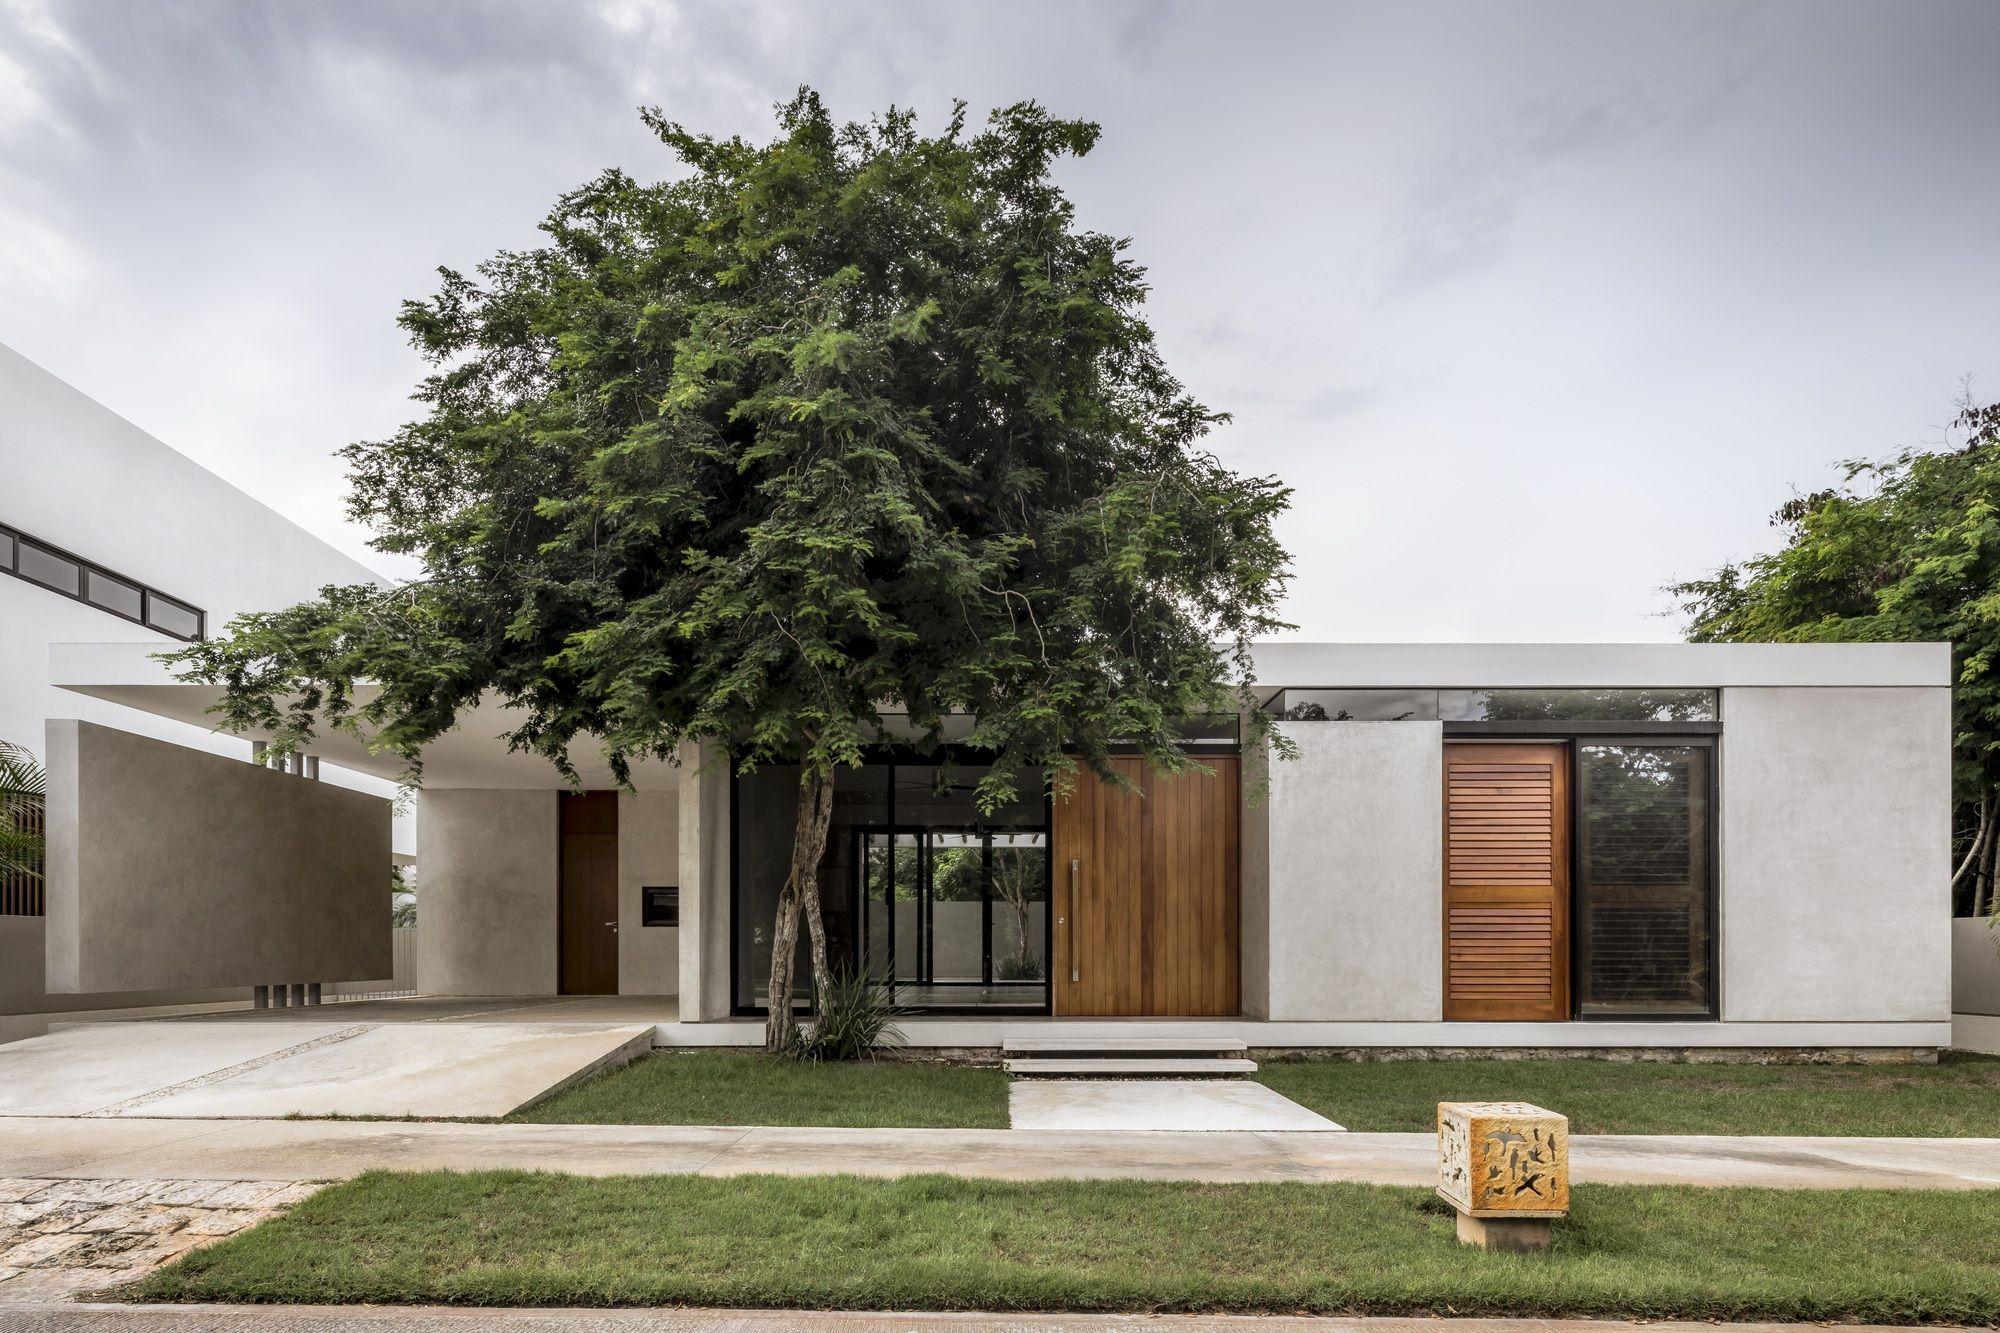 Casa Country Arista Cero Contemporary House Exterior White Exterior Houses Country House